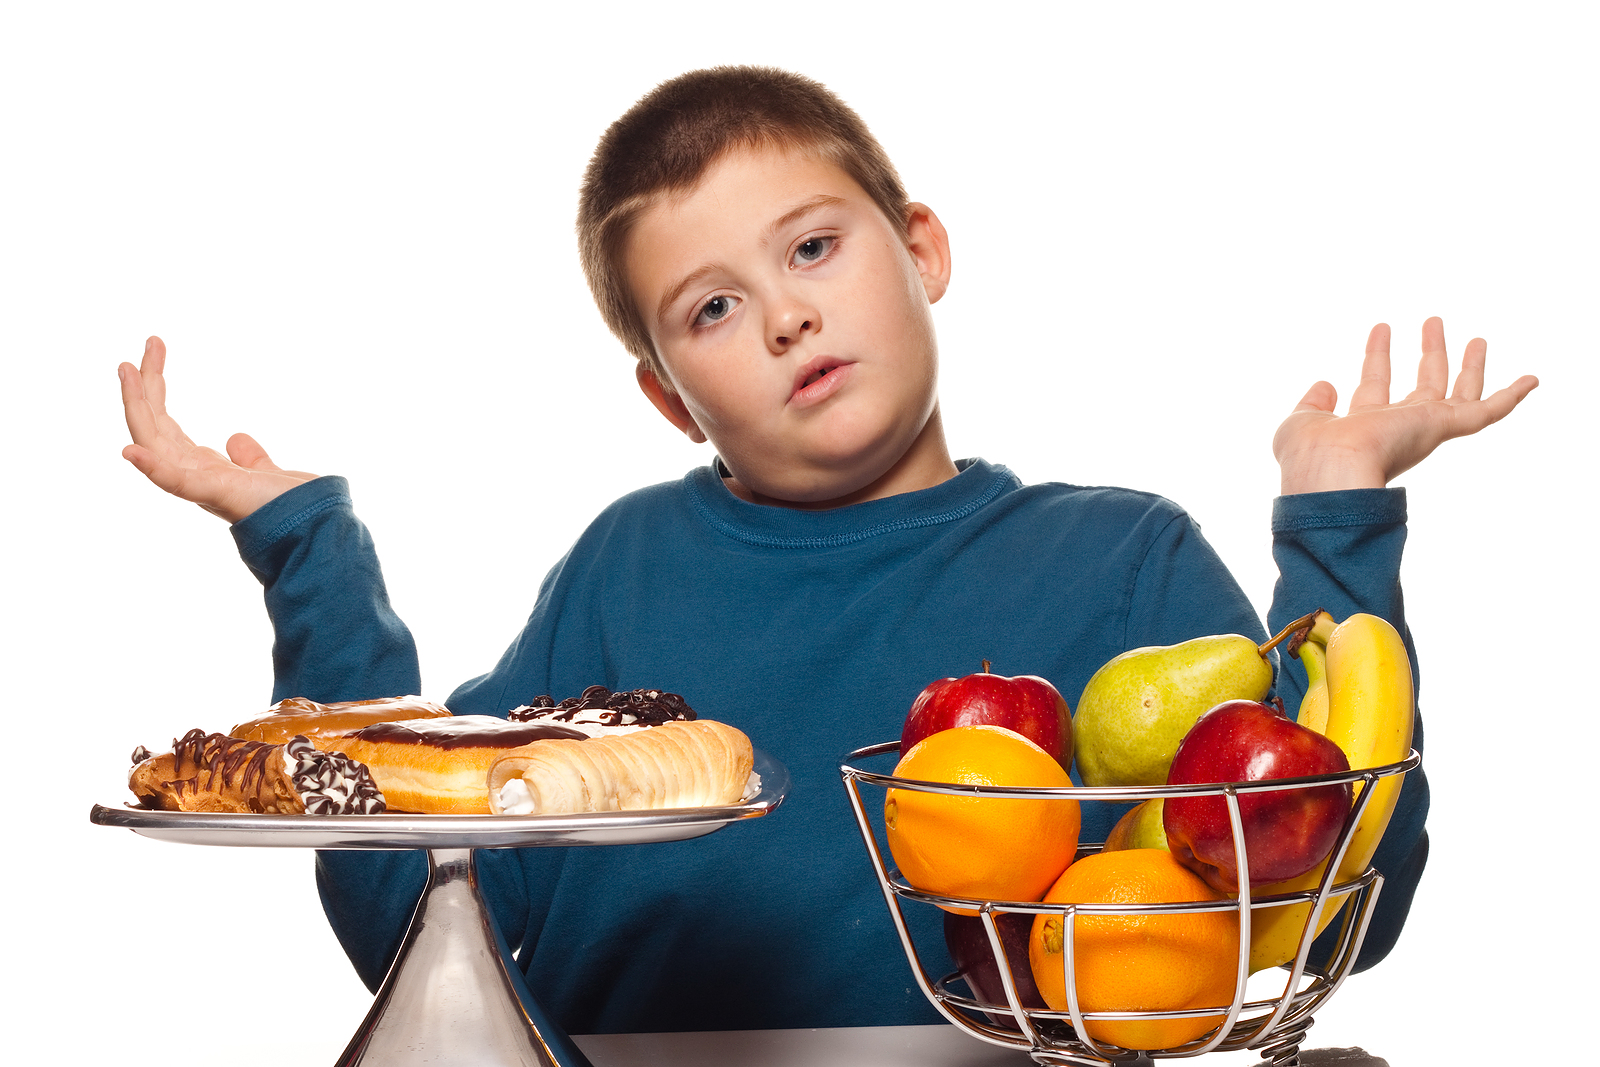 мальчик с диабетом